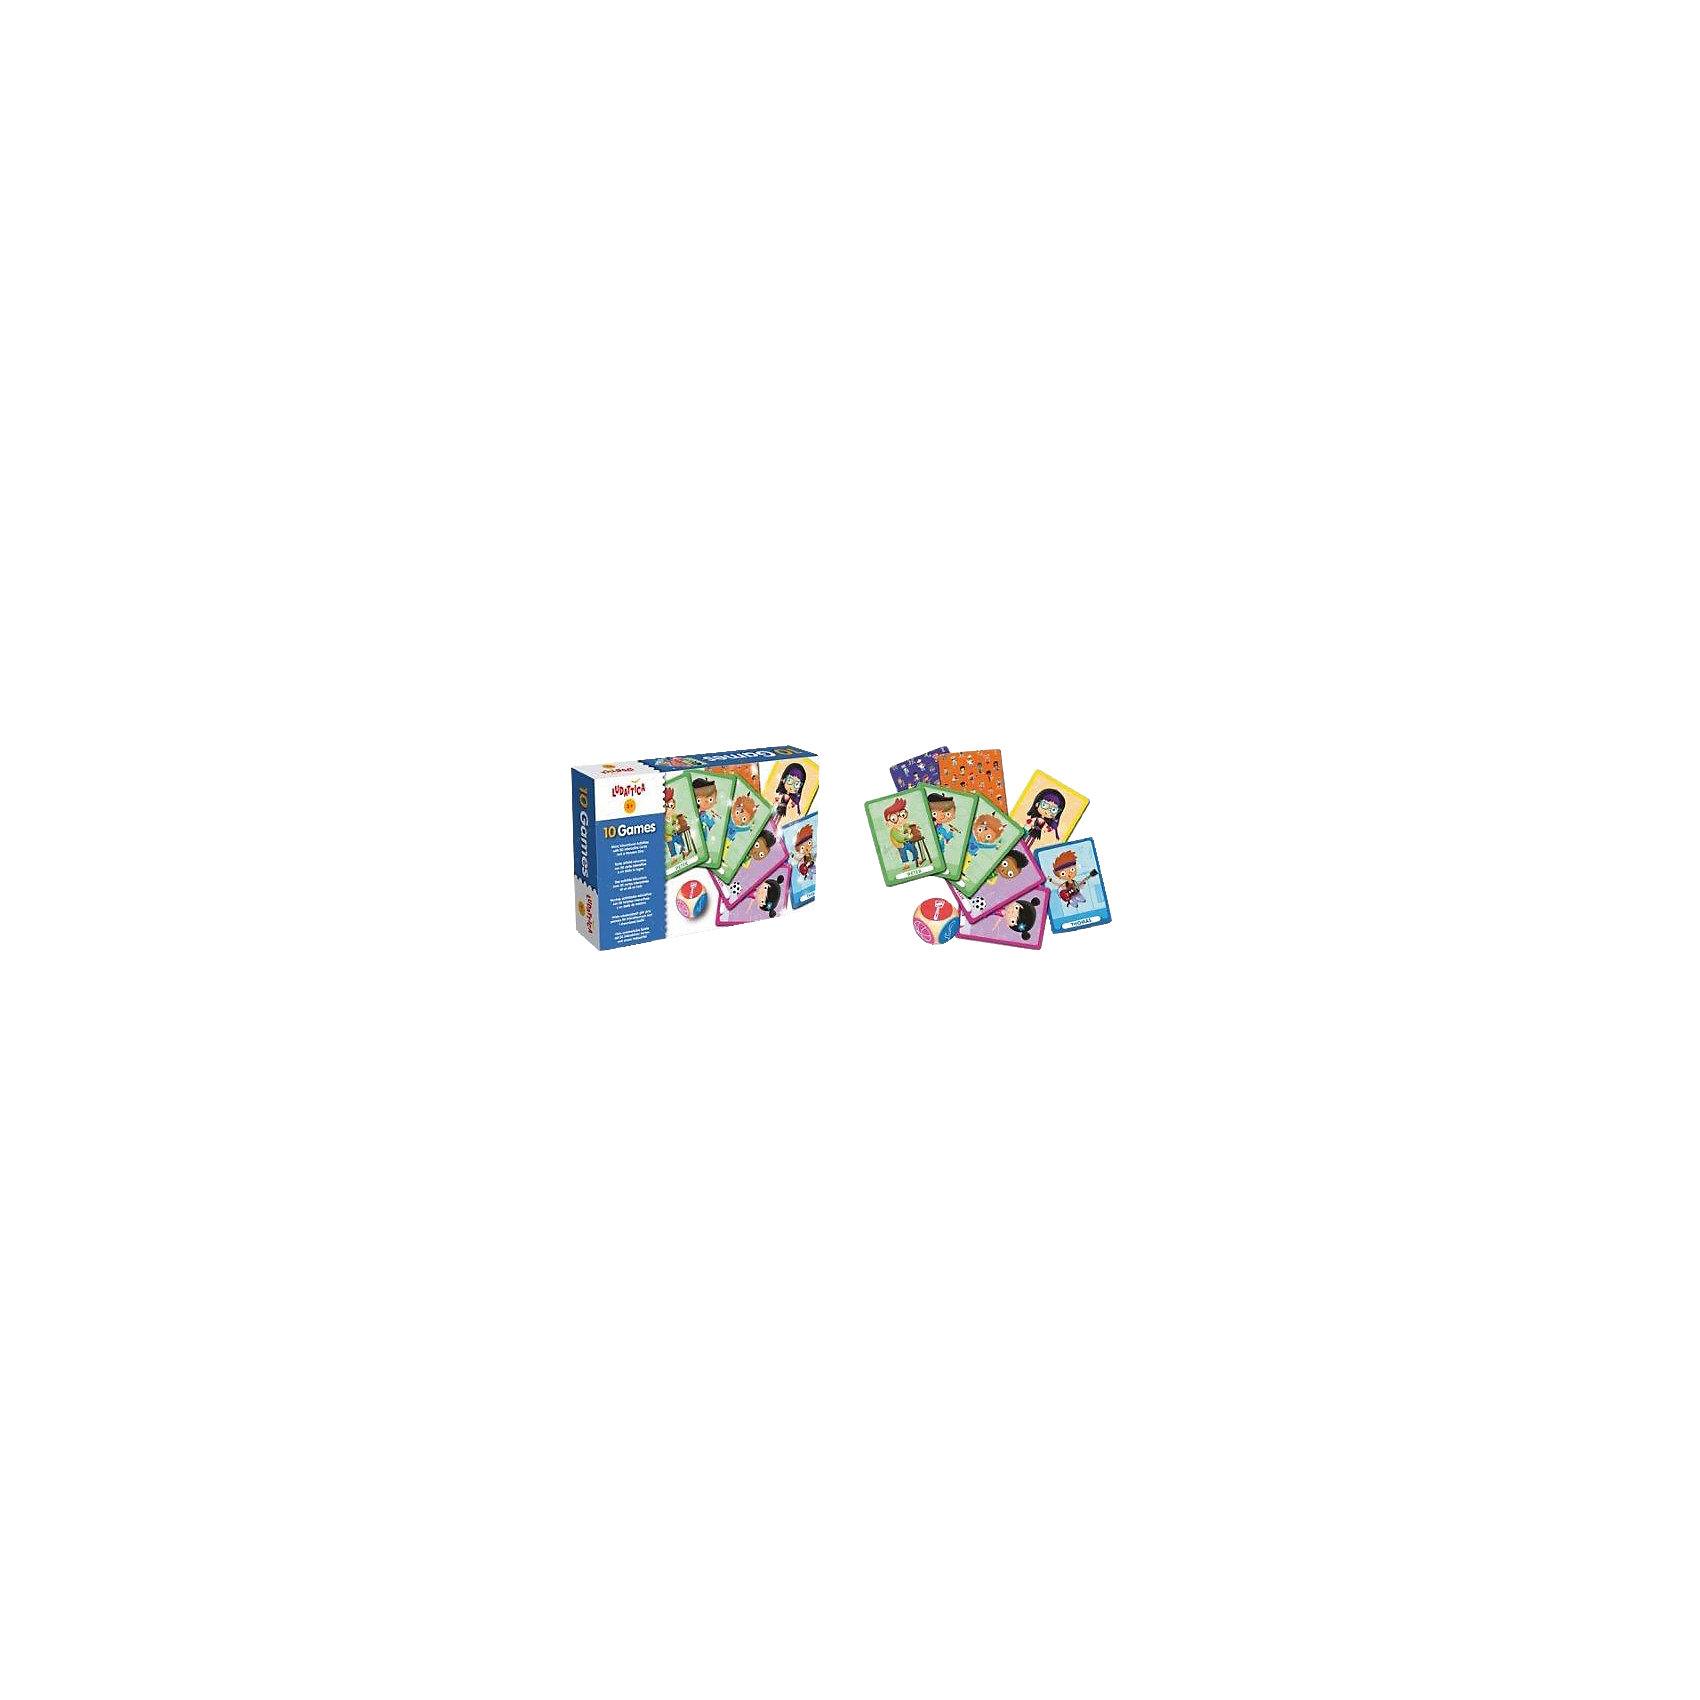 LUDATTICA Игра настольная 10 ИГР (10 в 1)Настольные игры для всей семьи<br>Набор оригинальных и веселых игр с двумя колодами карт большого размера. Каждый участник может, бросив кубик, выбрать одну из 10 игр.<br>Этот комплект развивает логику, внимание, память и целеустремленность.<br>Продукт разработан в Италии, в Центре Исследований и Разработки Lisciani.<br>ИллюстраторМаттиаЧерато(MattiaCerato)<br>Состав набора: 2 колоды по 25 карт; кубик; инструкции<br>Размер коробки: 22,5х13,5х4,5 см<br>Возраст: 3-7 лет<br><br>Ширина мм: 230<br>Глубина мм: 144<br>Высота мм: 50<br>Вес г: 739<br>Возраст от месяцев: 36<br>Возраст до месяцев: 72<br>Пол: Унисекс<br>Возраст: Детский<br>SKU: 4264831